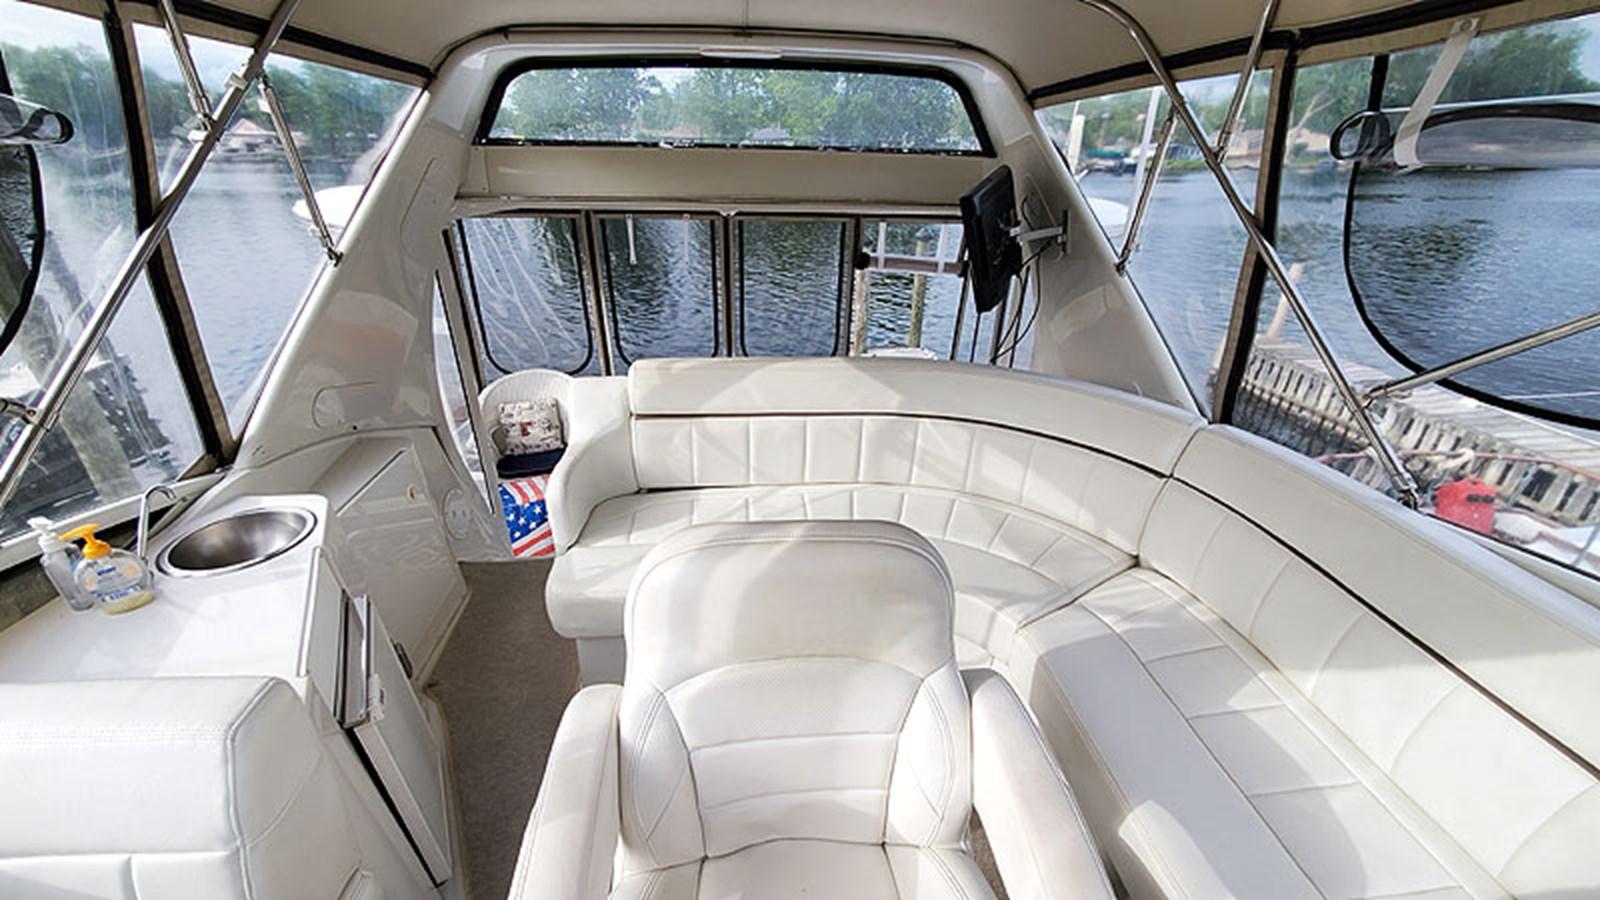 20FlybridgeAft 2001 CARVER 444 Cockpit Motor Yacht Motor Yacht 2967613